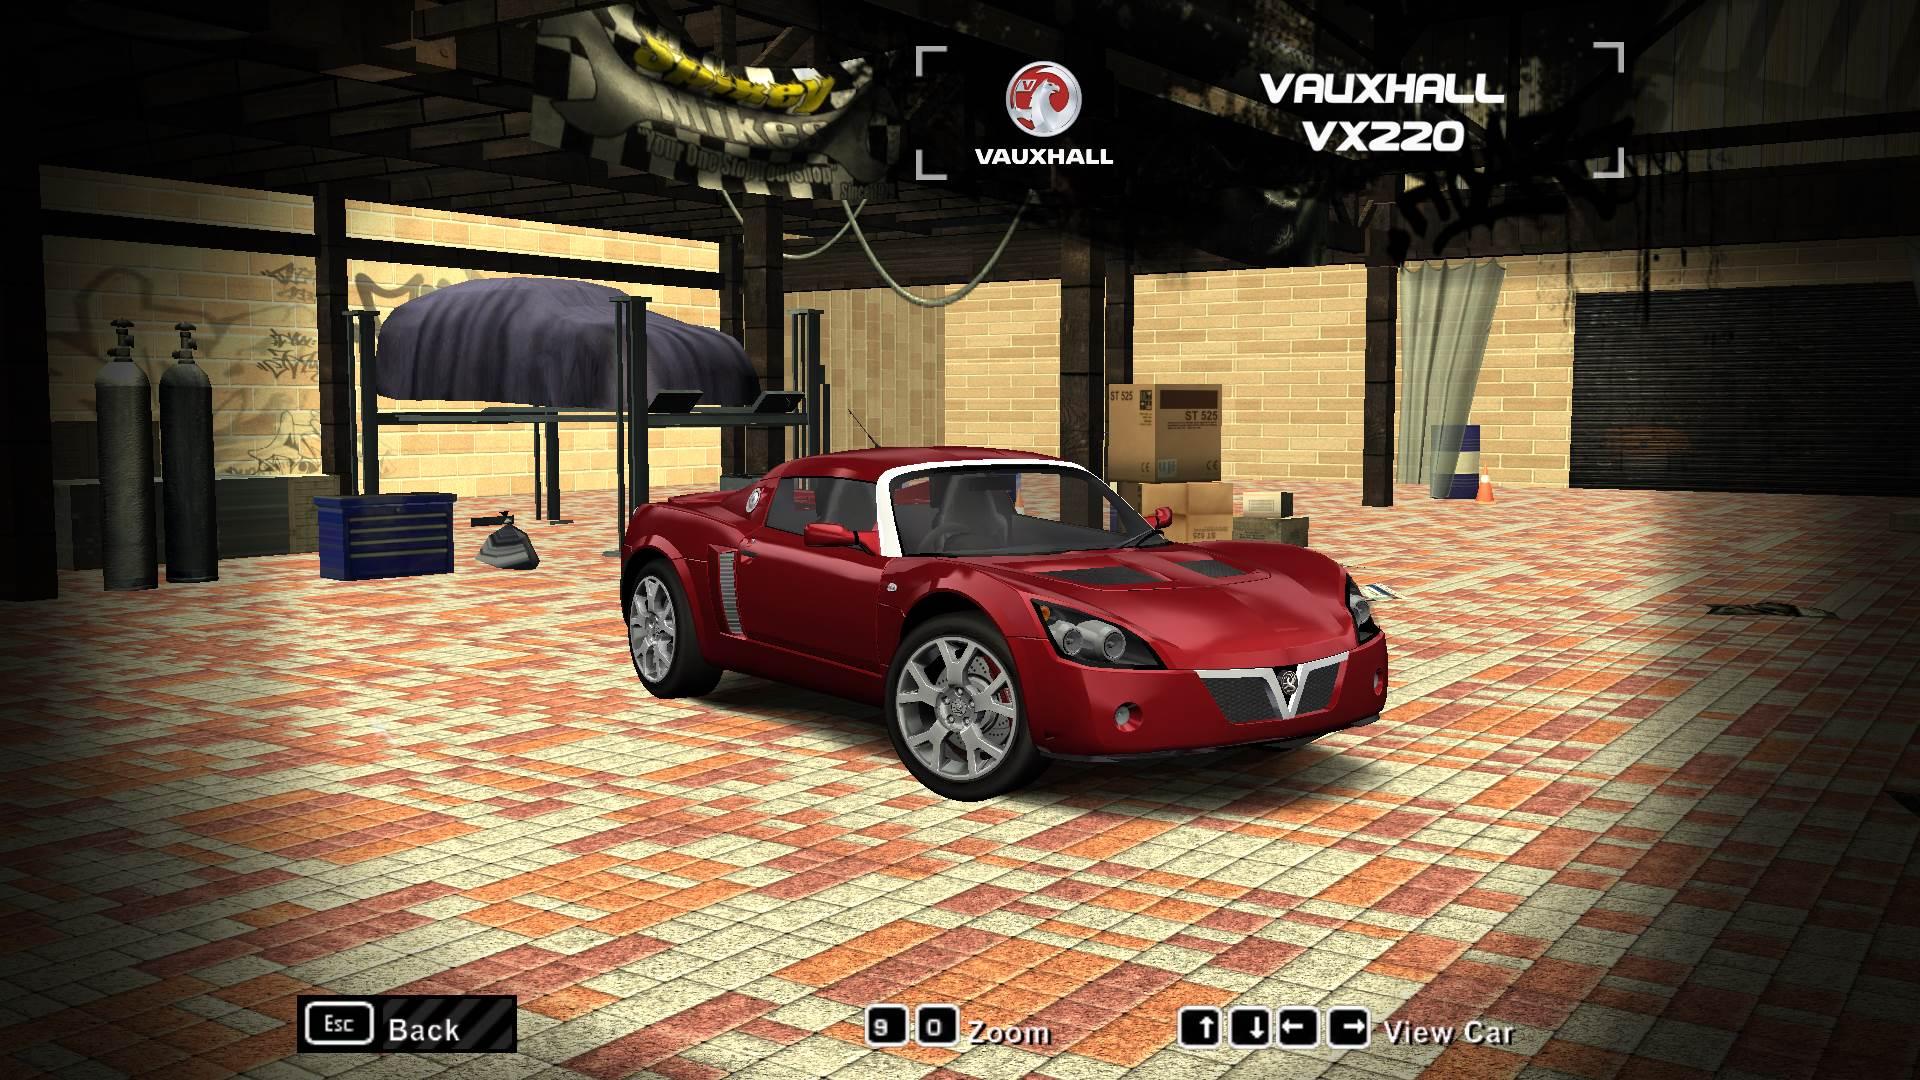 VauxhallVX220_NFSMW_1.jpg